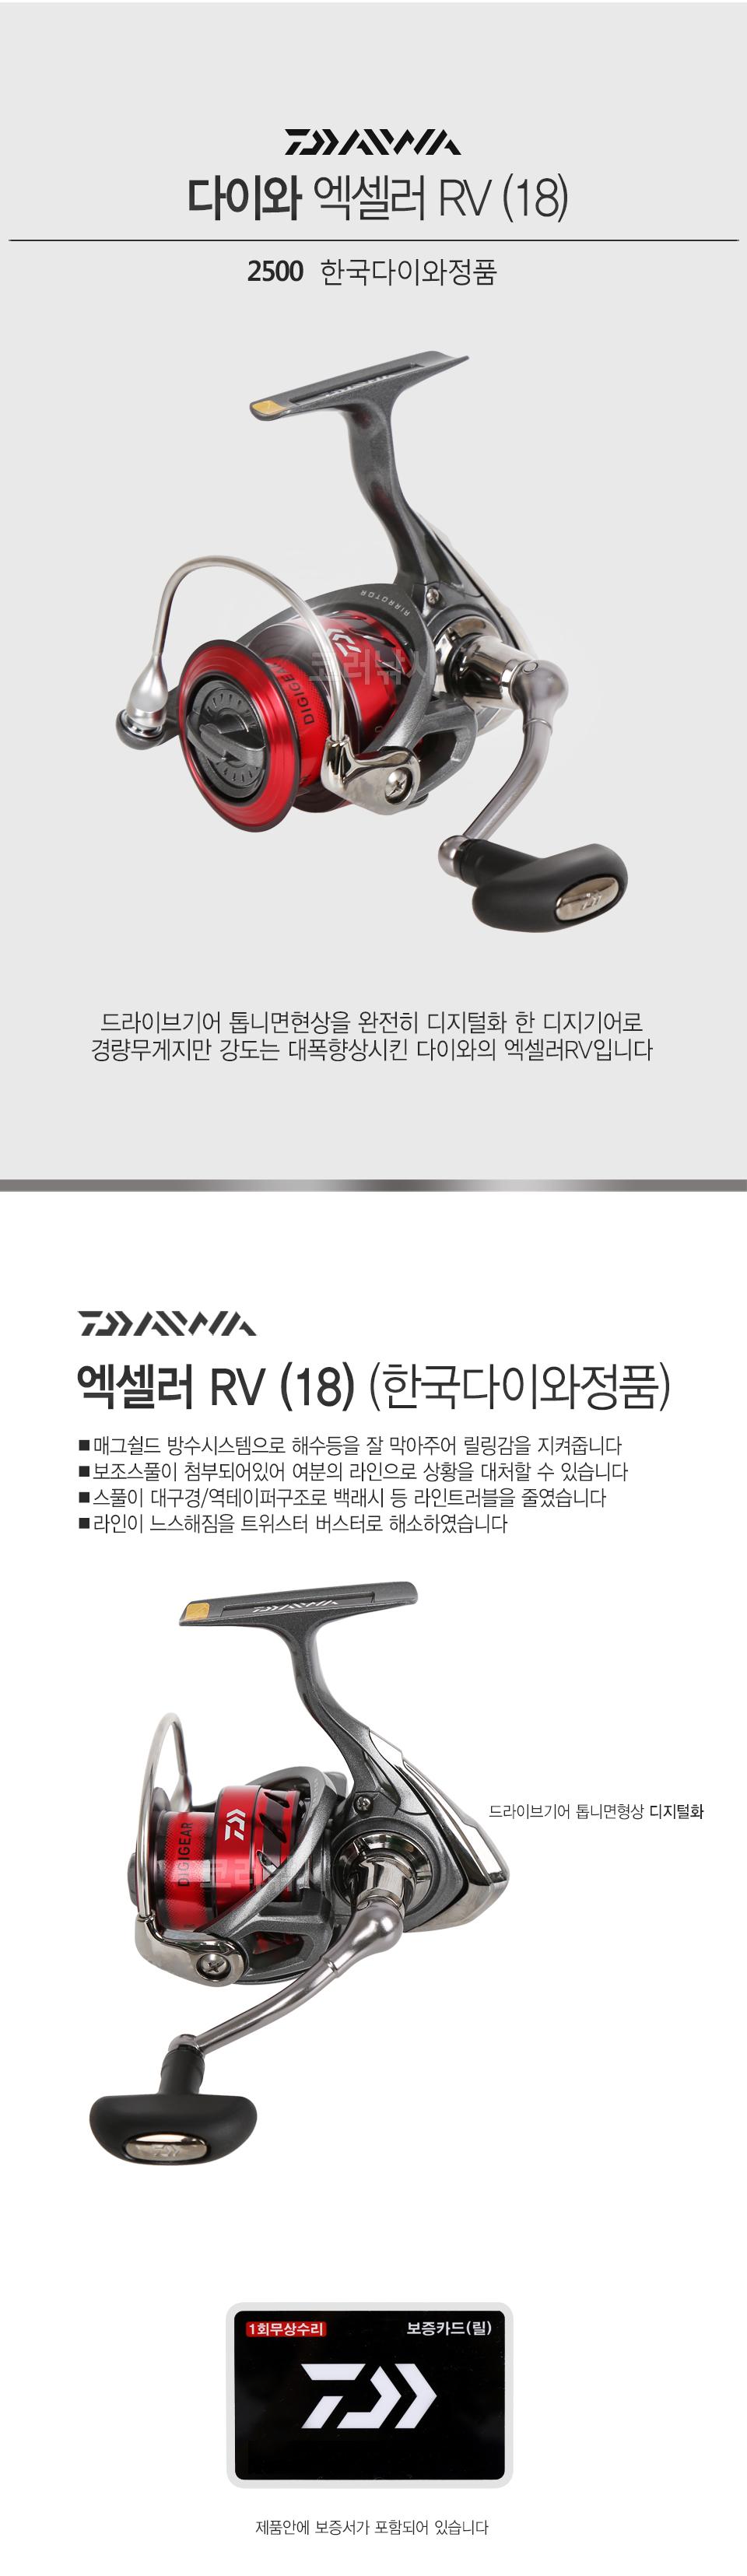 다이와 엑셀러 RV (18) (한국다이와정품) 한국다이와 다이와릴 스피닝릴 엑셀러RV 엑셀러릴